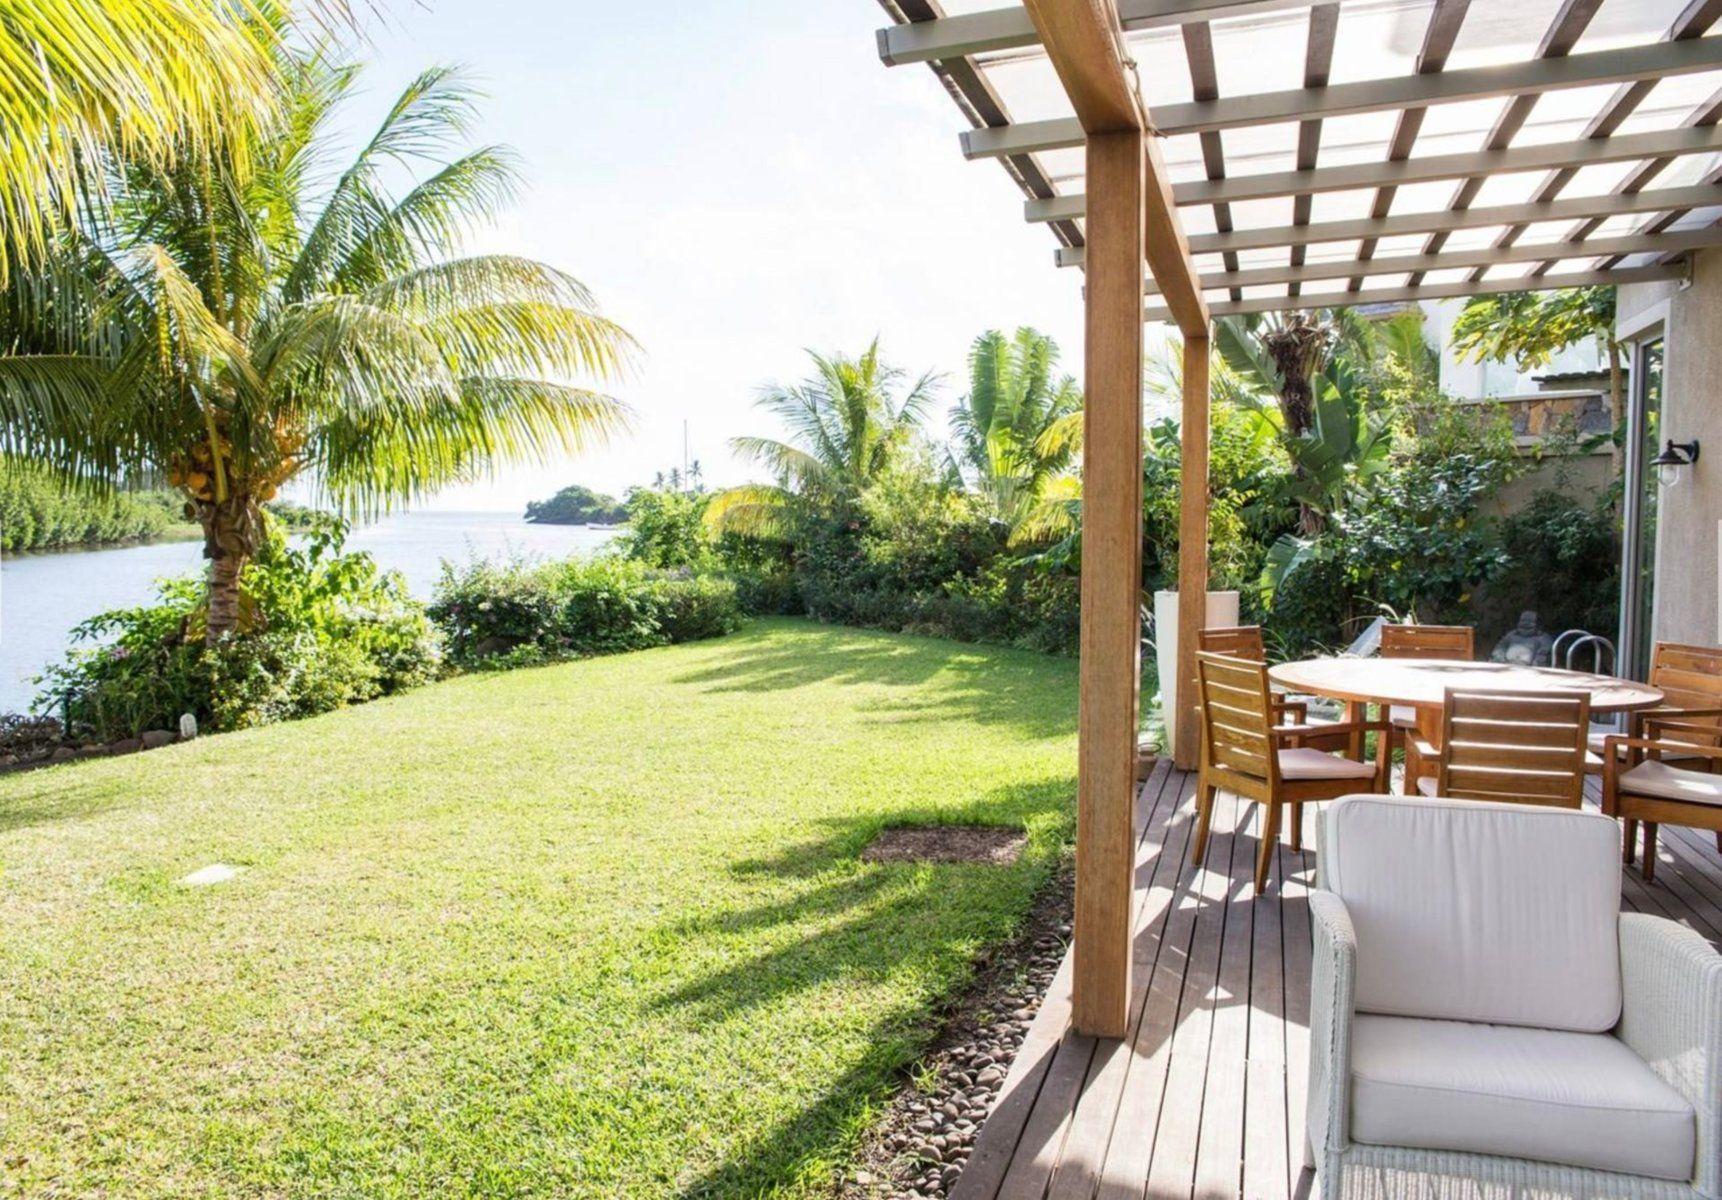 Maison à vendre 4 240m2 à Ile Maurice vignette-4